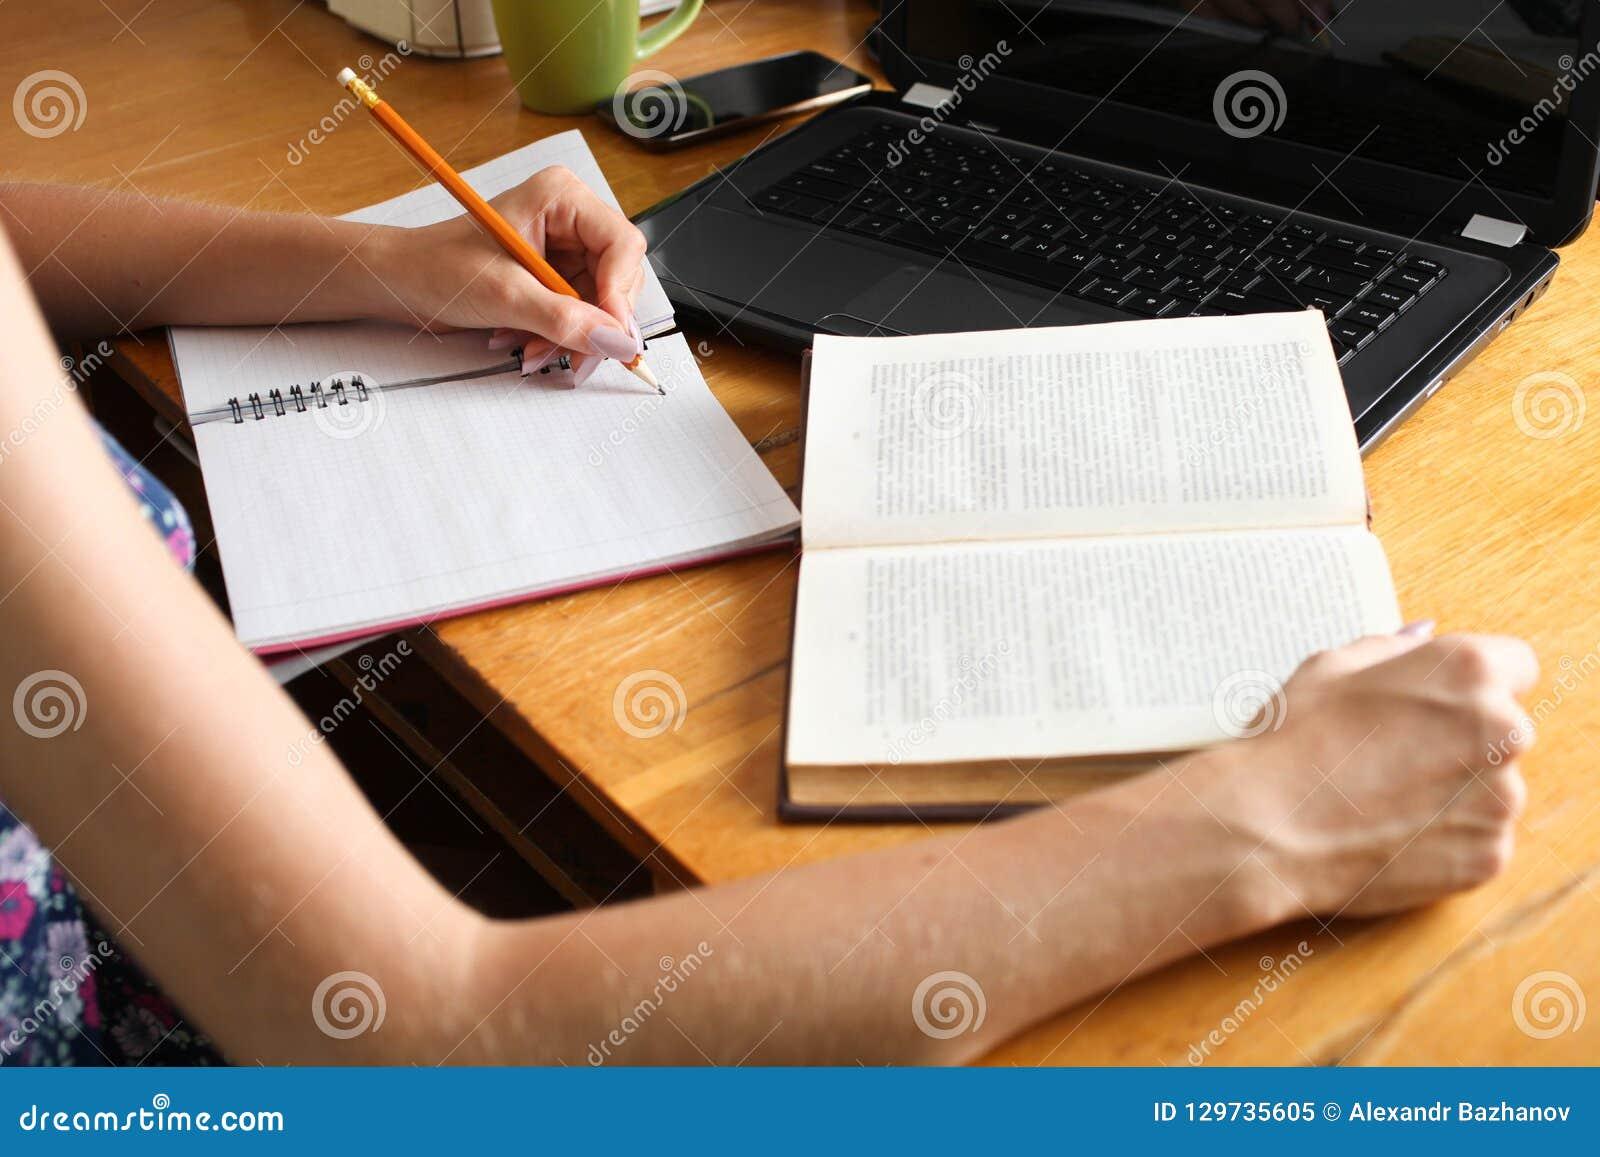 Девушка с работы пишет оля максимова